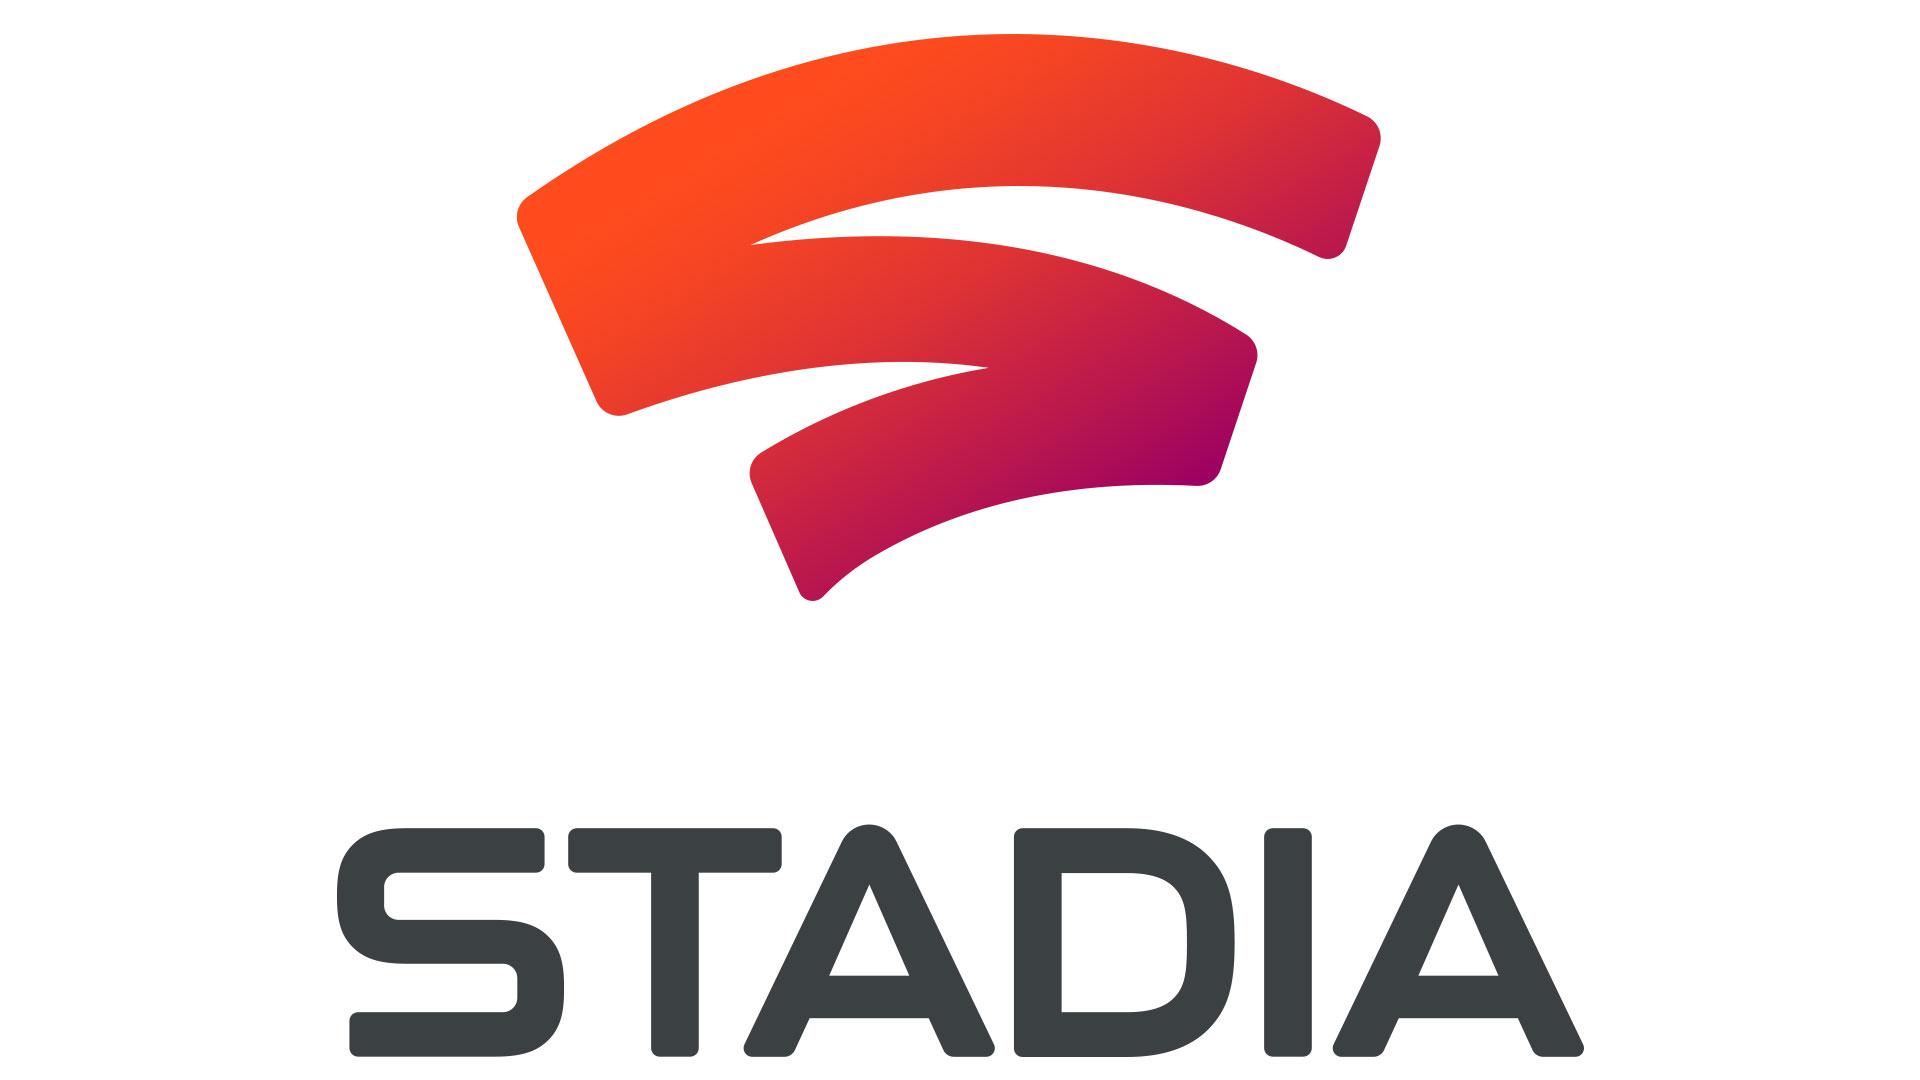 谷歌Stadia已收到4000多份申请 开发者踊跃参与